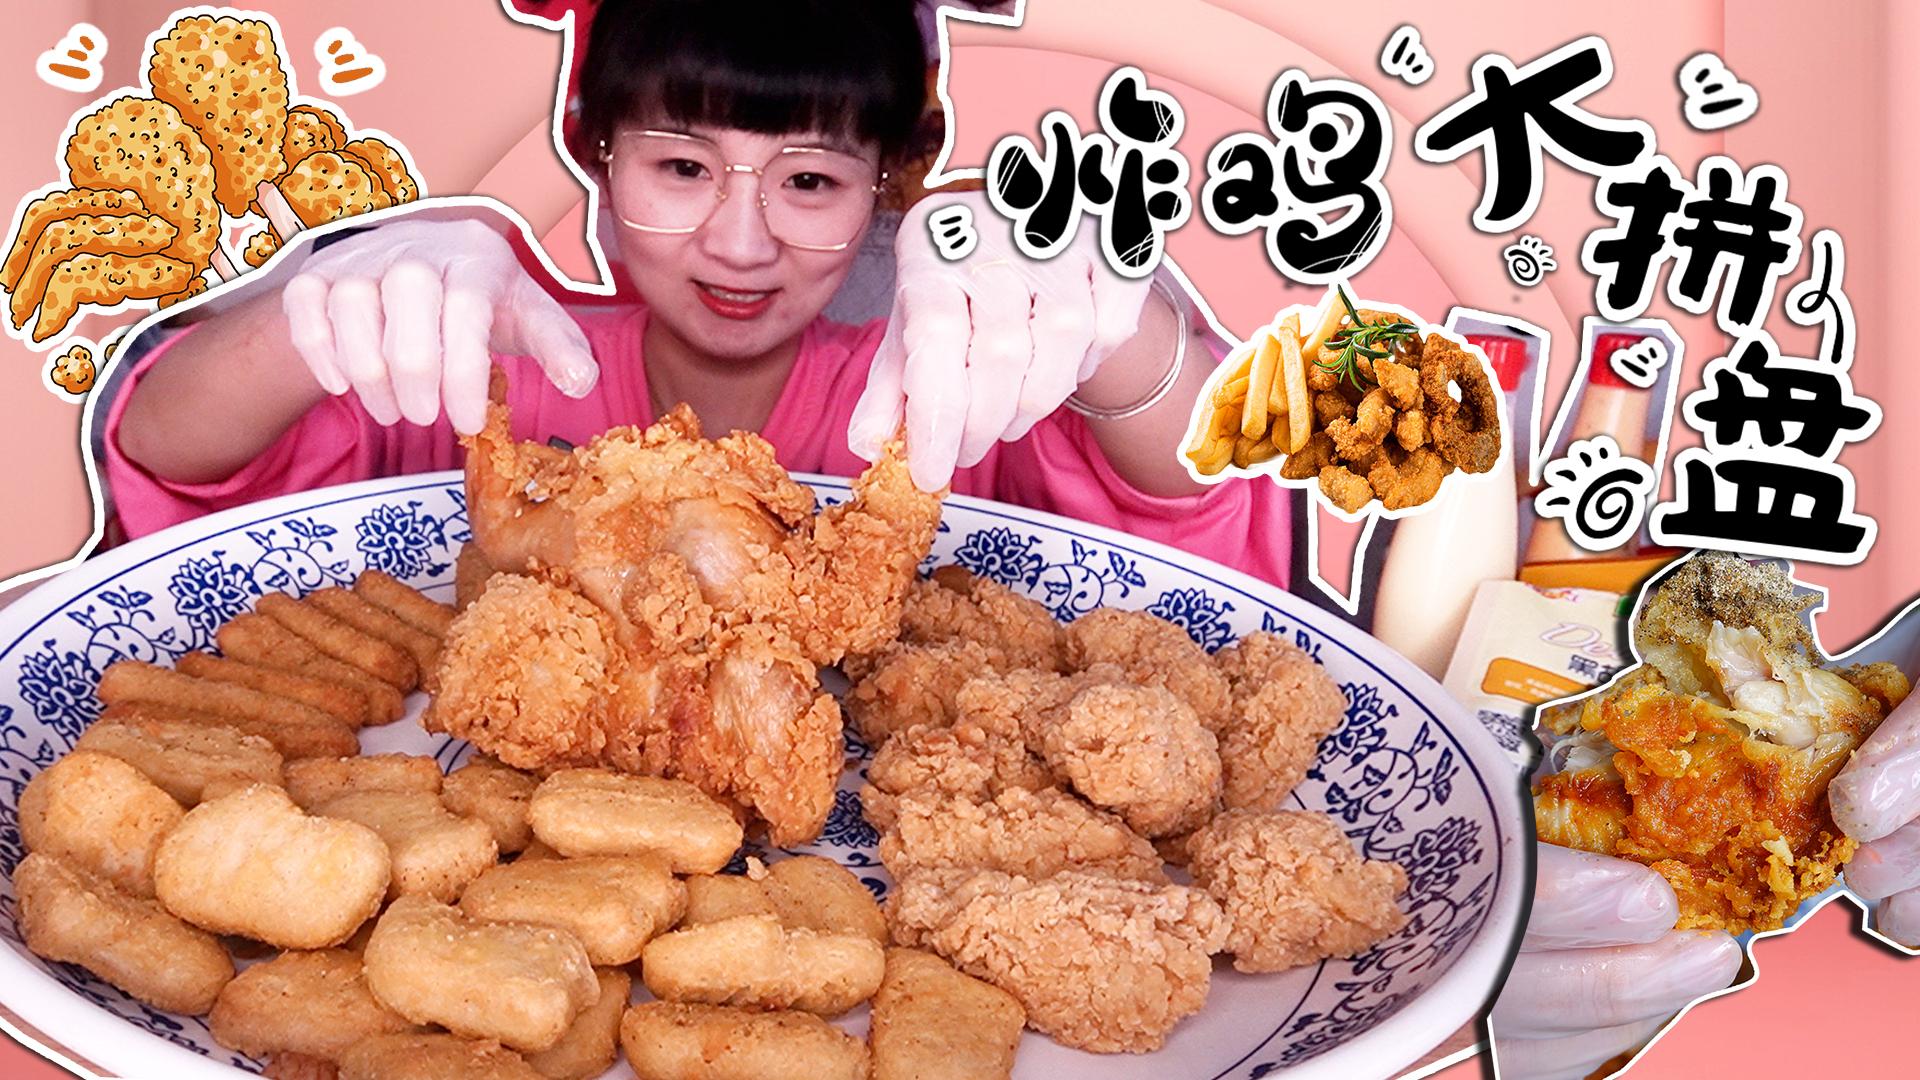 【小猪猪特能吃】自制炸鸡拼盘~炸全鸡、炸翅根、炸鸡块、炸鸡条